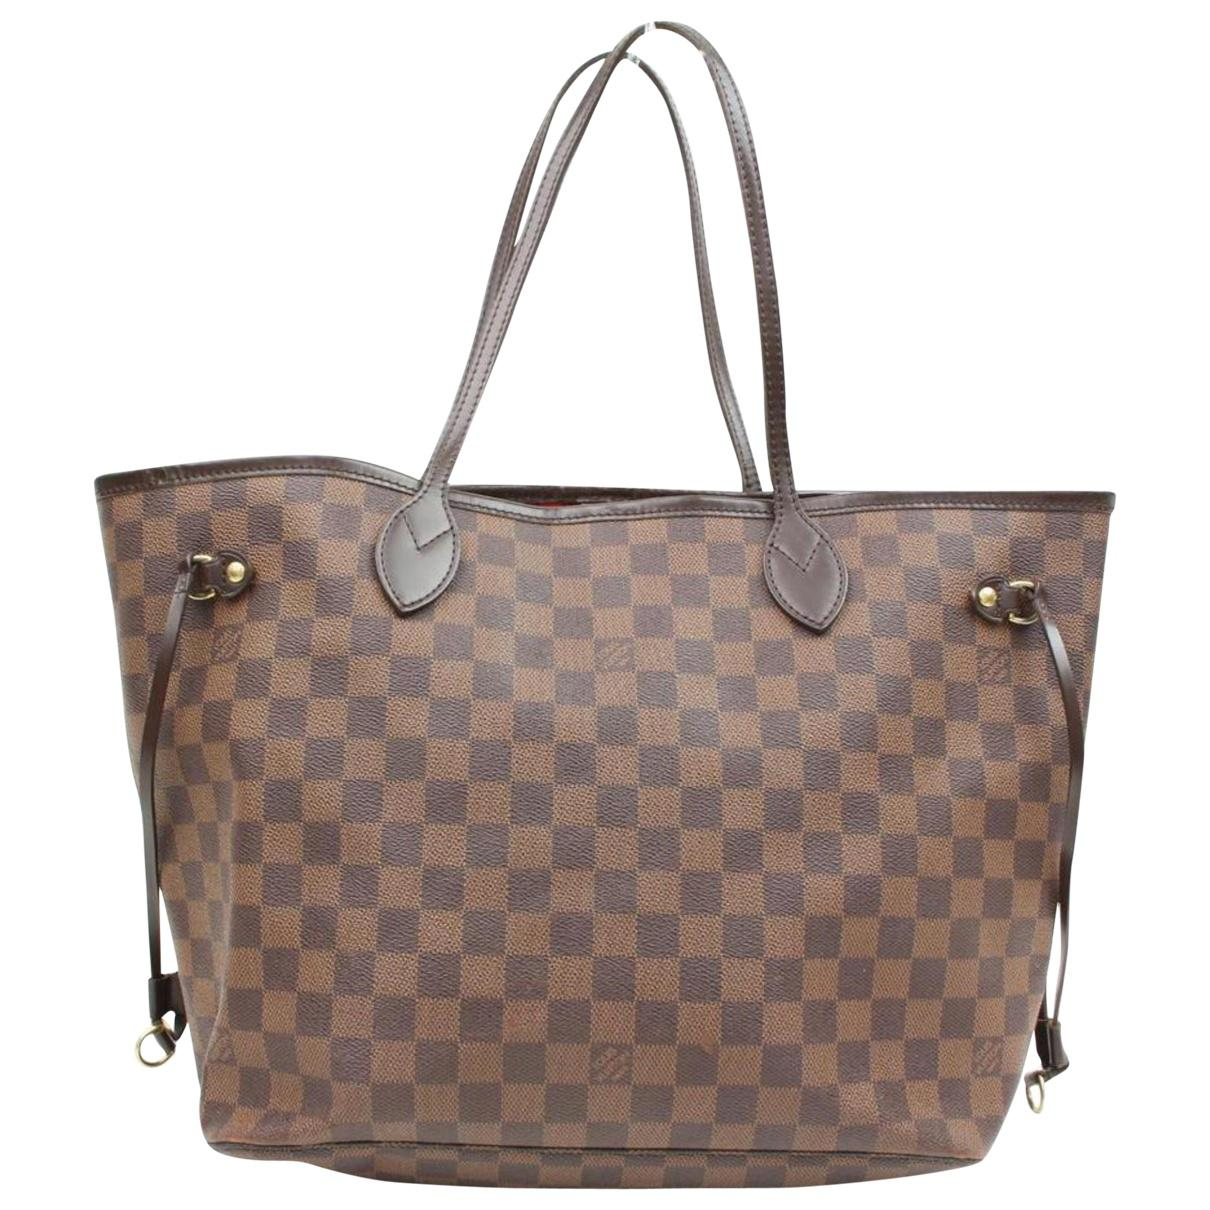 b19780e0f121 Lyst - Louis Vuitton Neverfull Brown Cloth Handbag in Brown